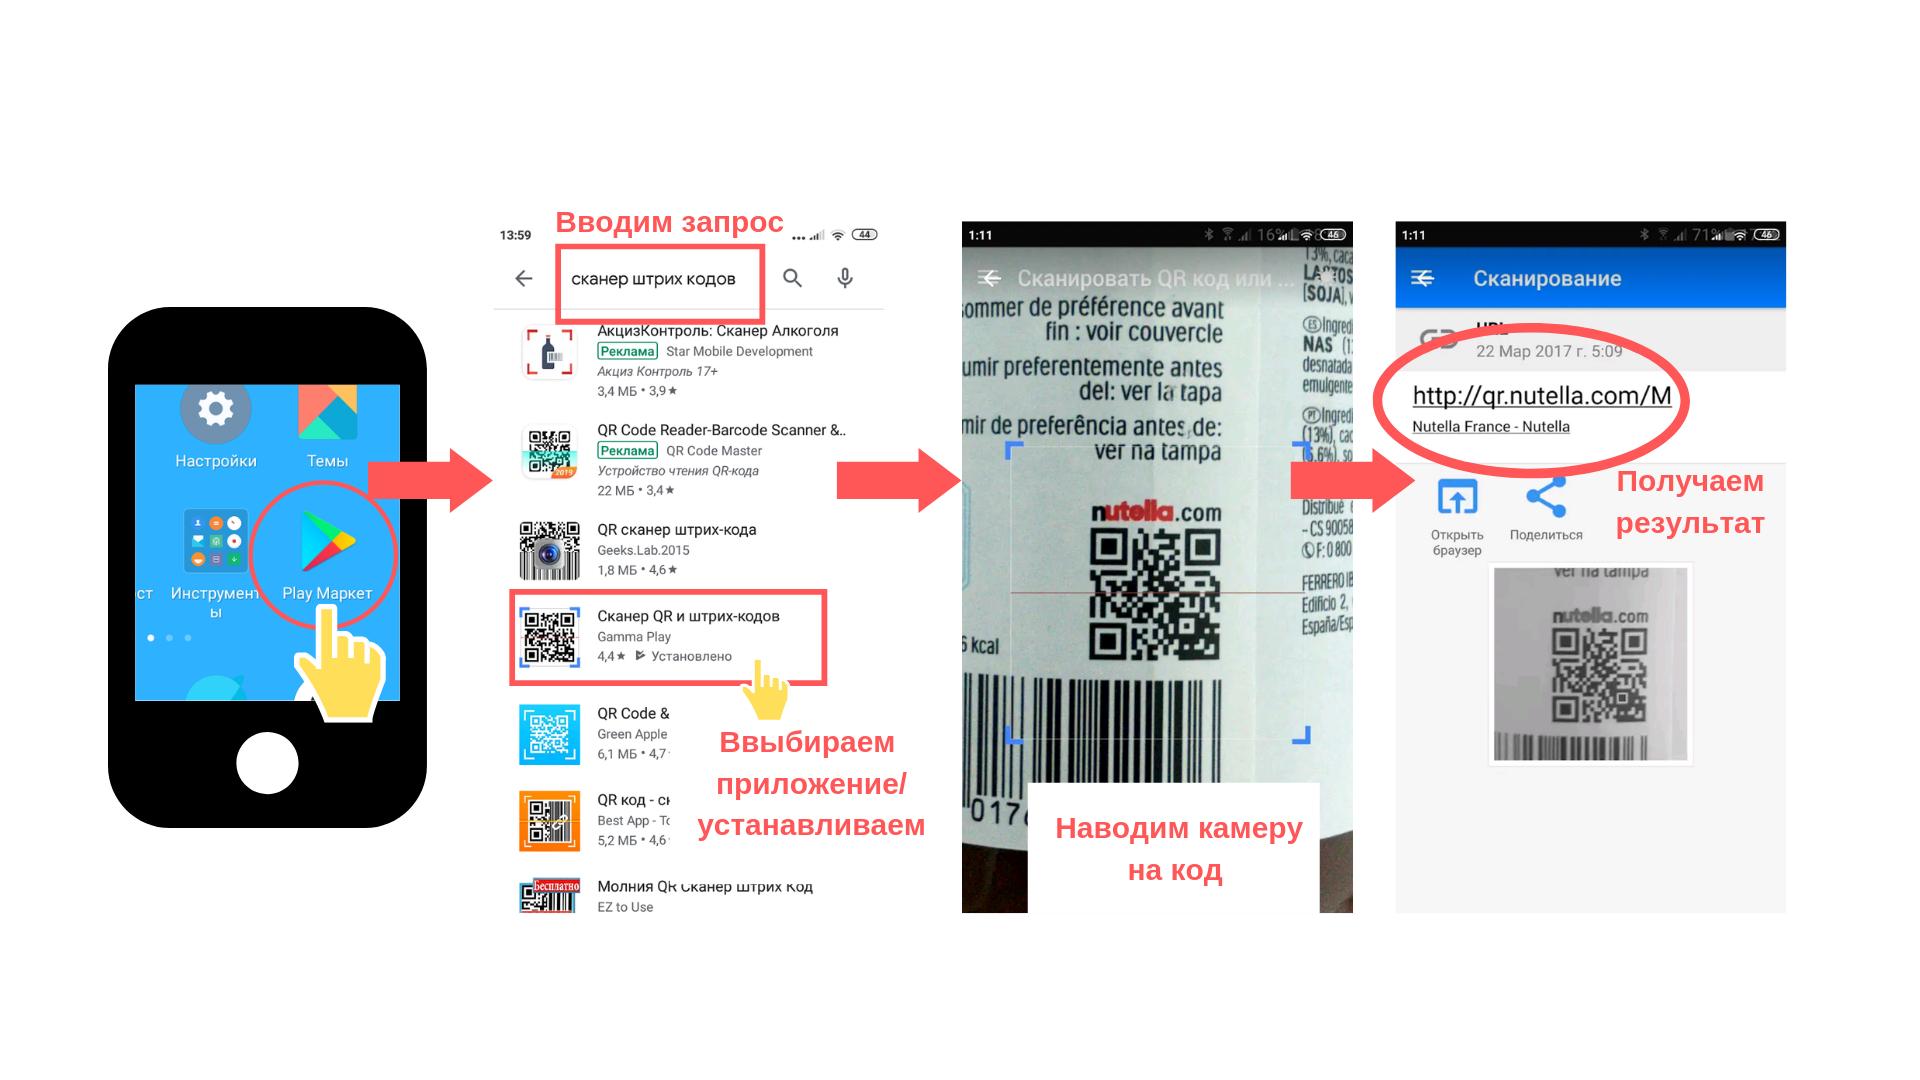 Рисунок 1.1 – Скрины работы с приложением сканирования QR кодов